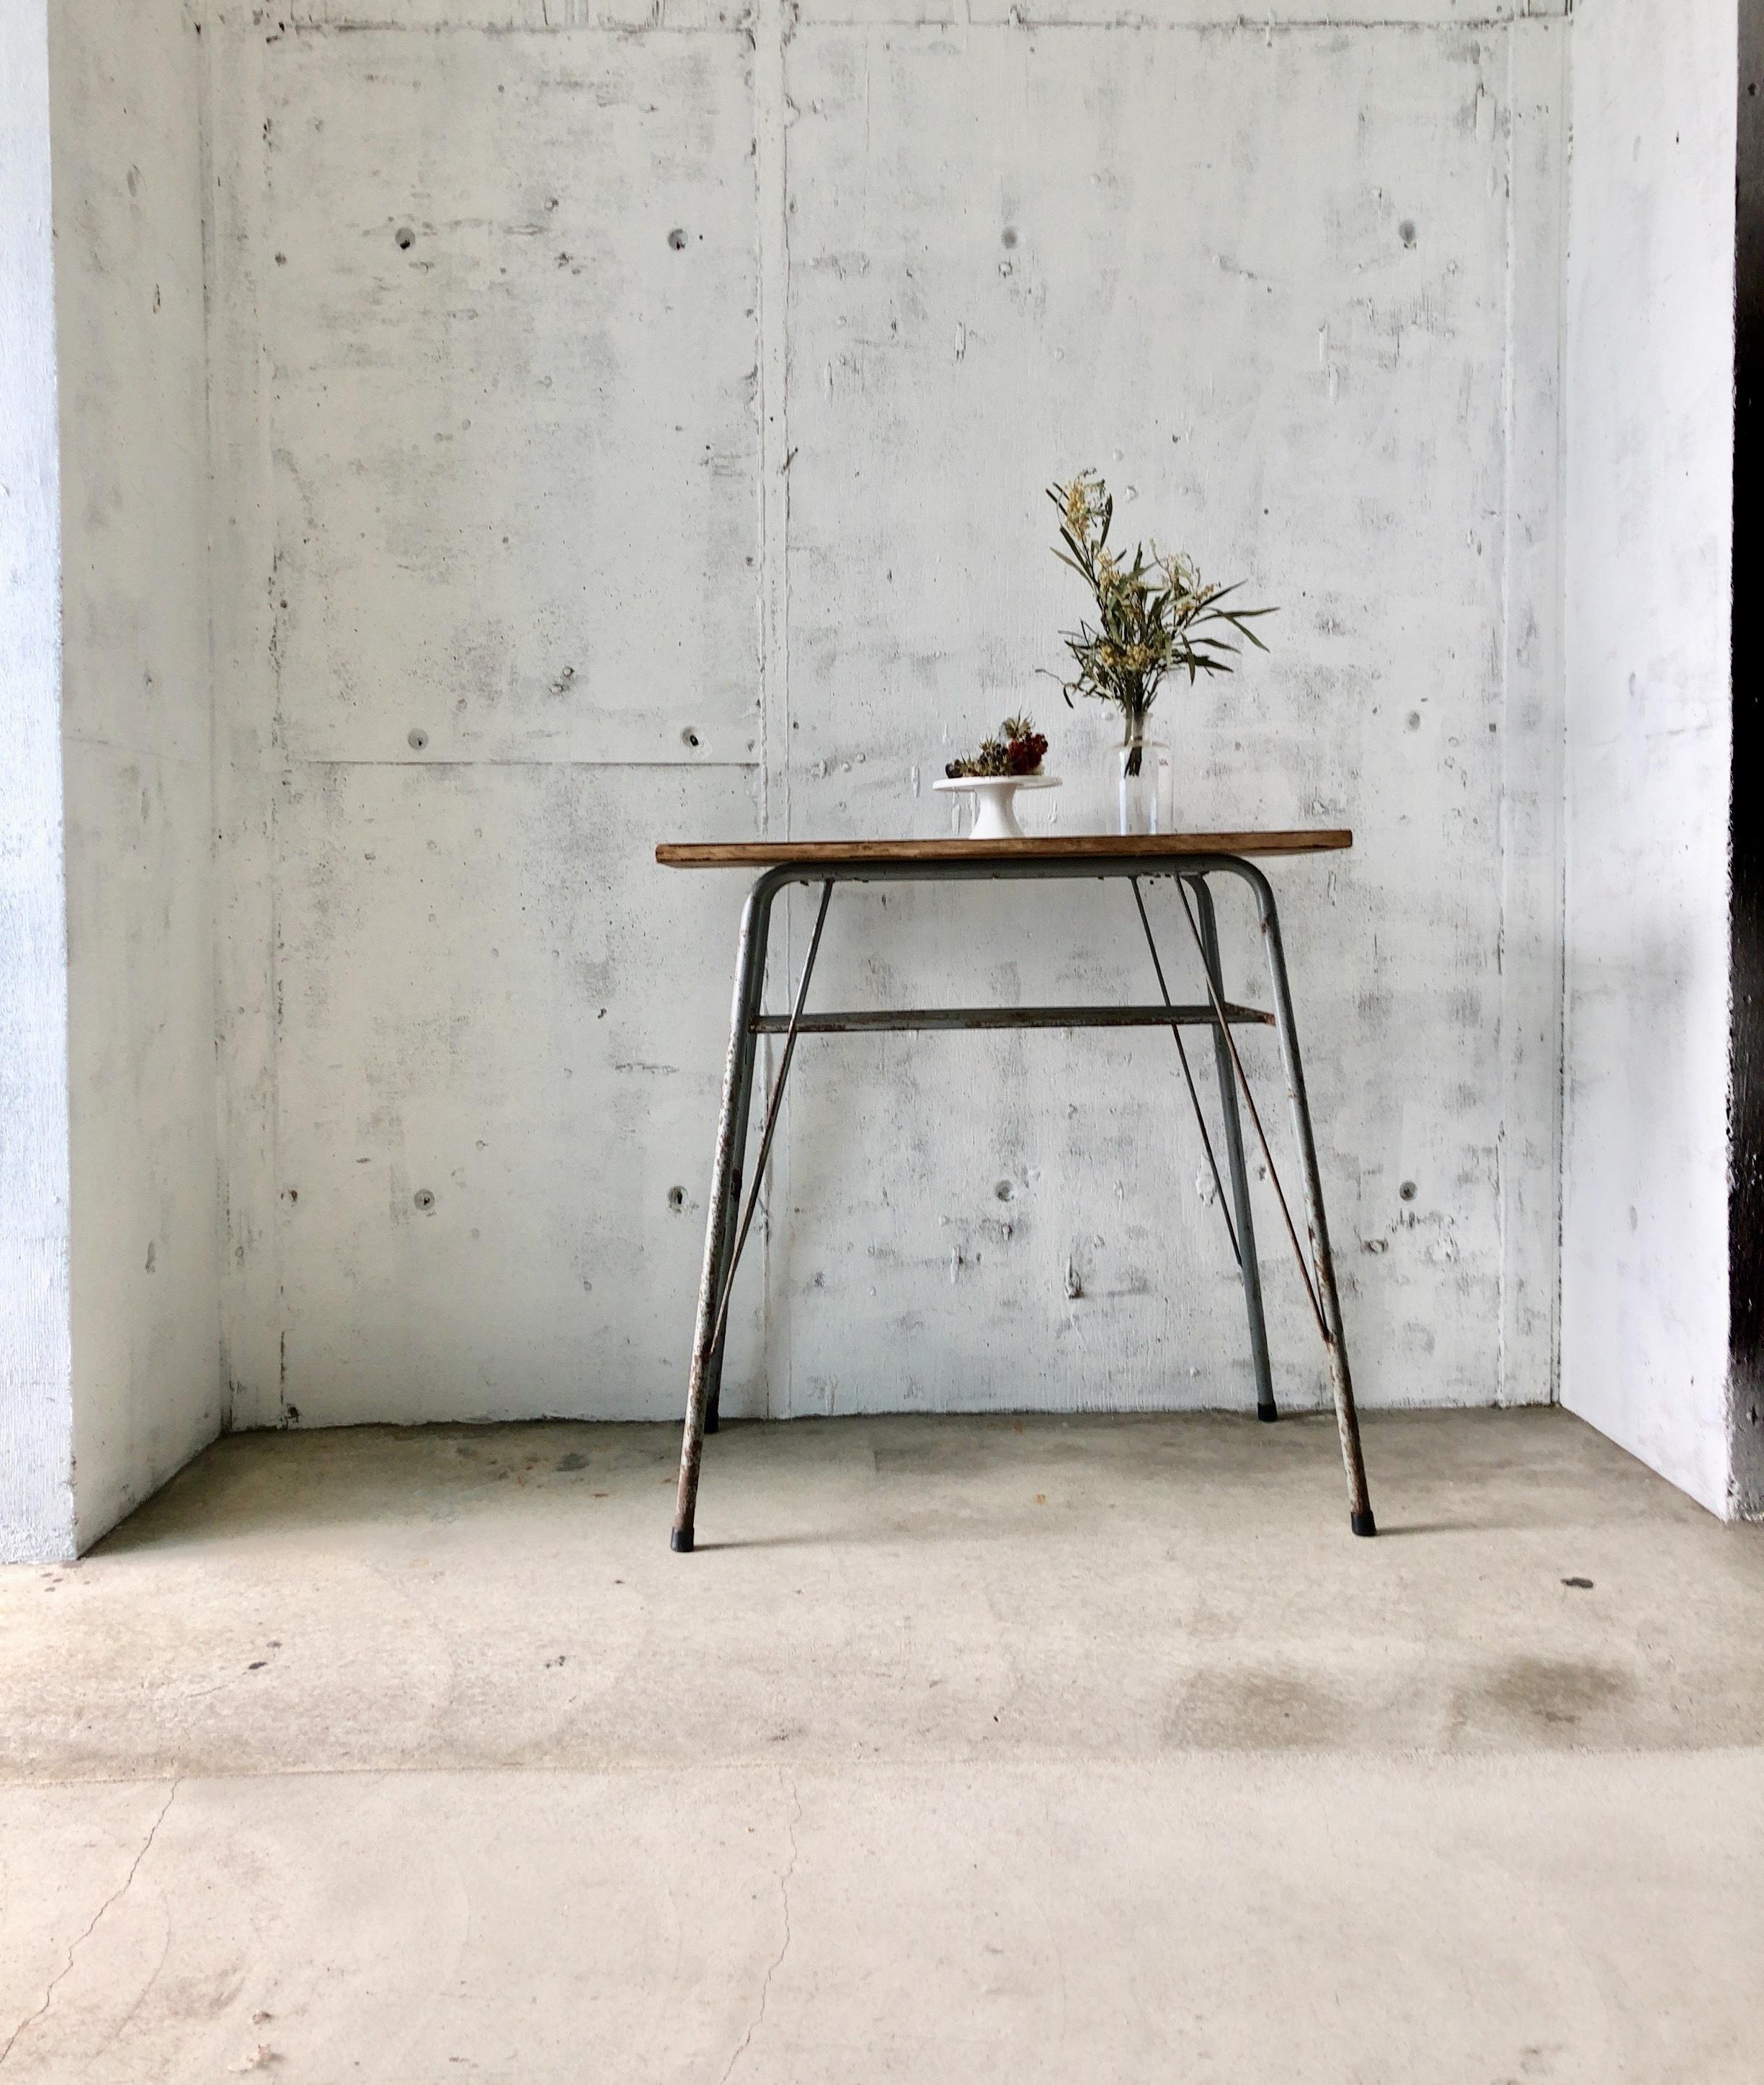 木味×グレーサビ脚のテーブル[古家具]